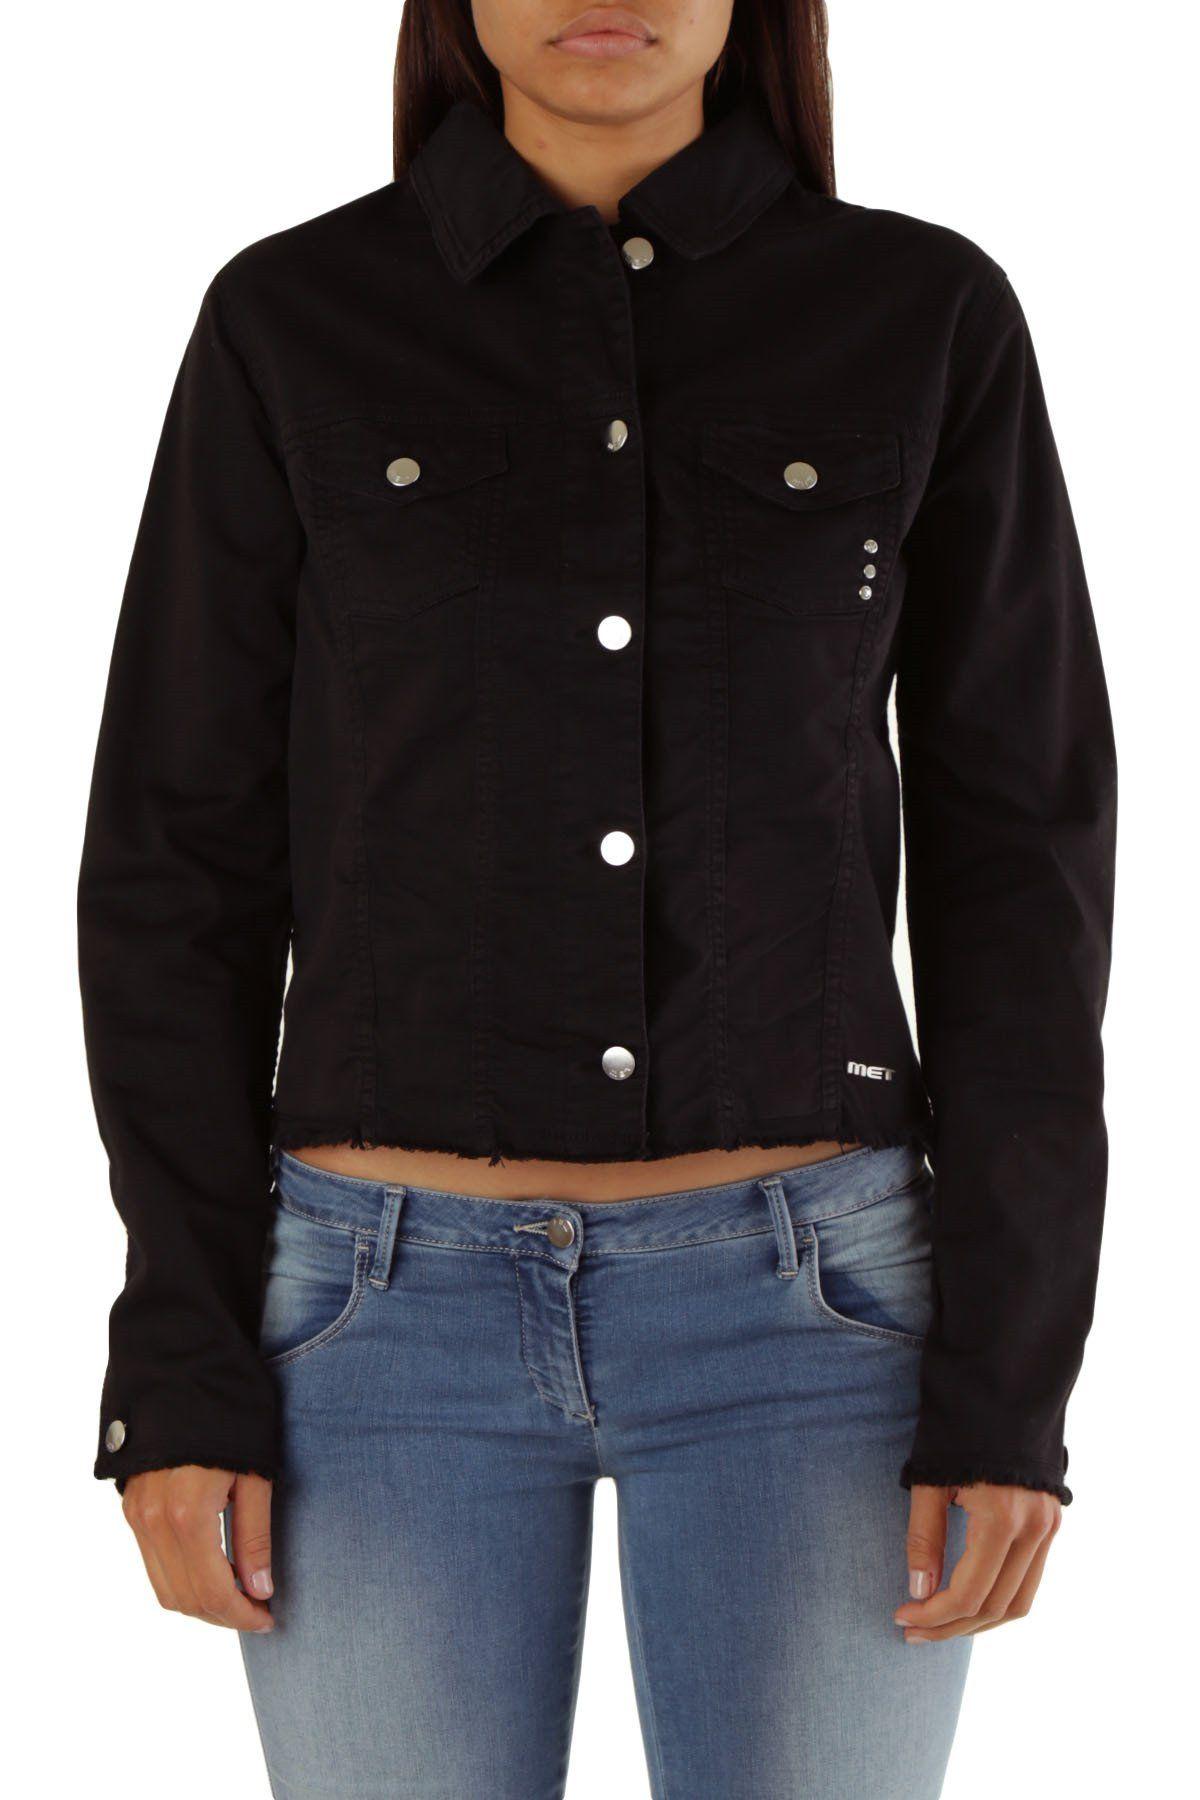 Met Women's Blazer In Black